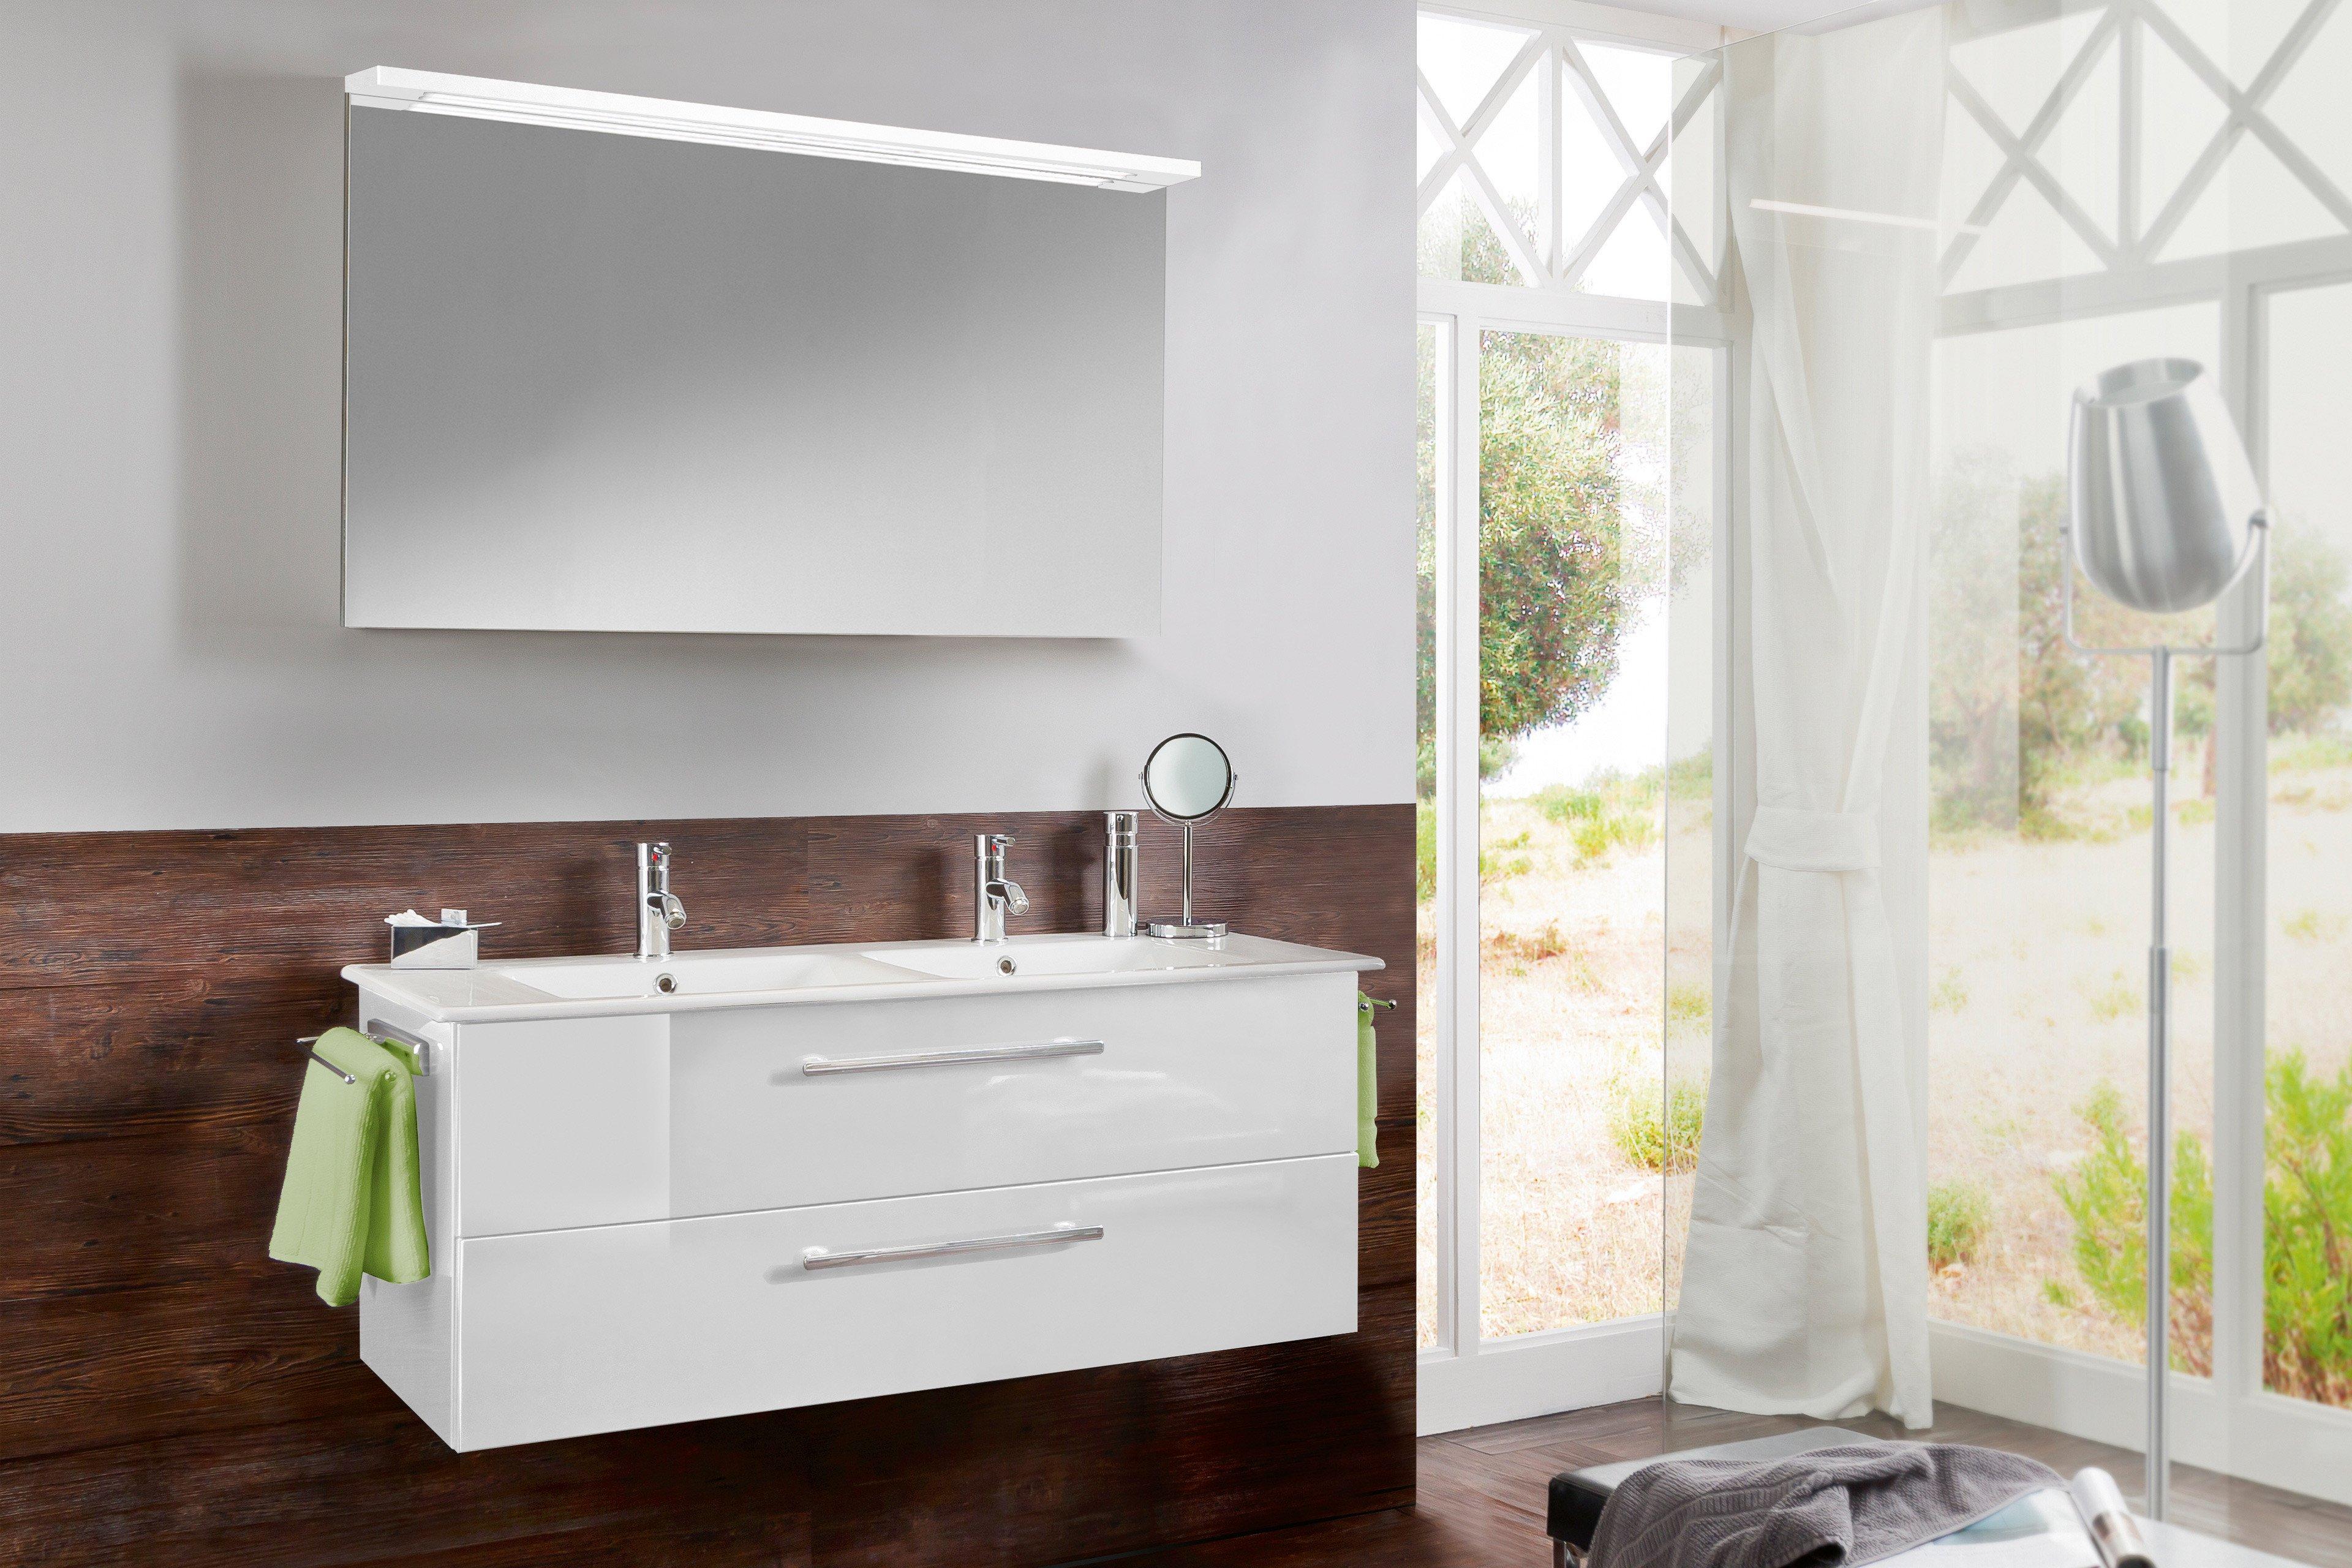 3030 von Marlin - Badezimmer in Weiß